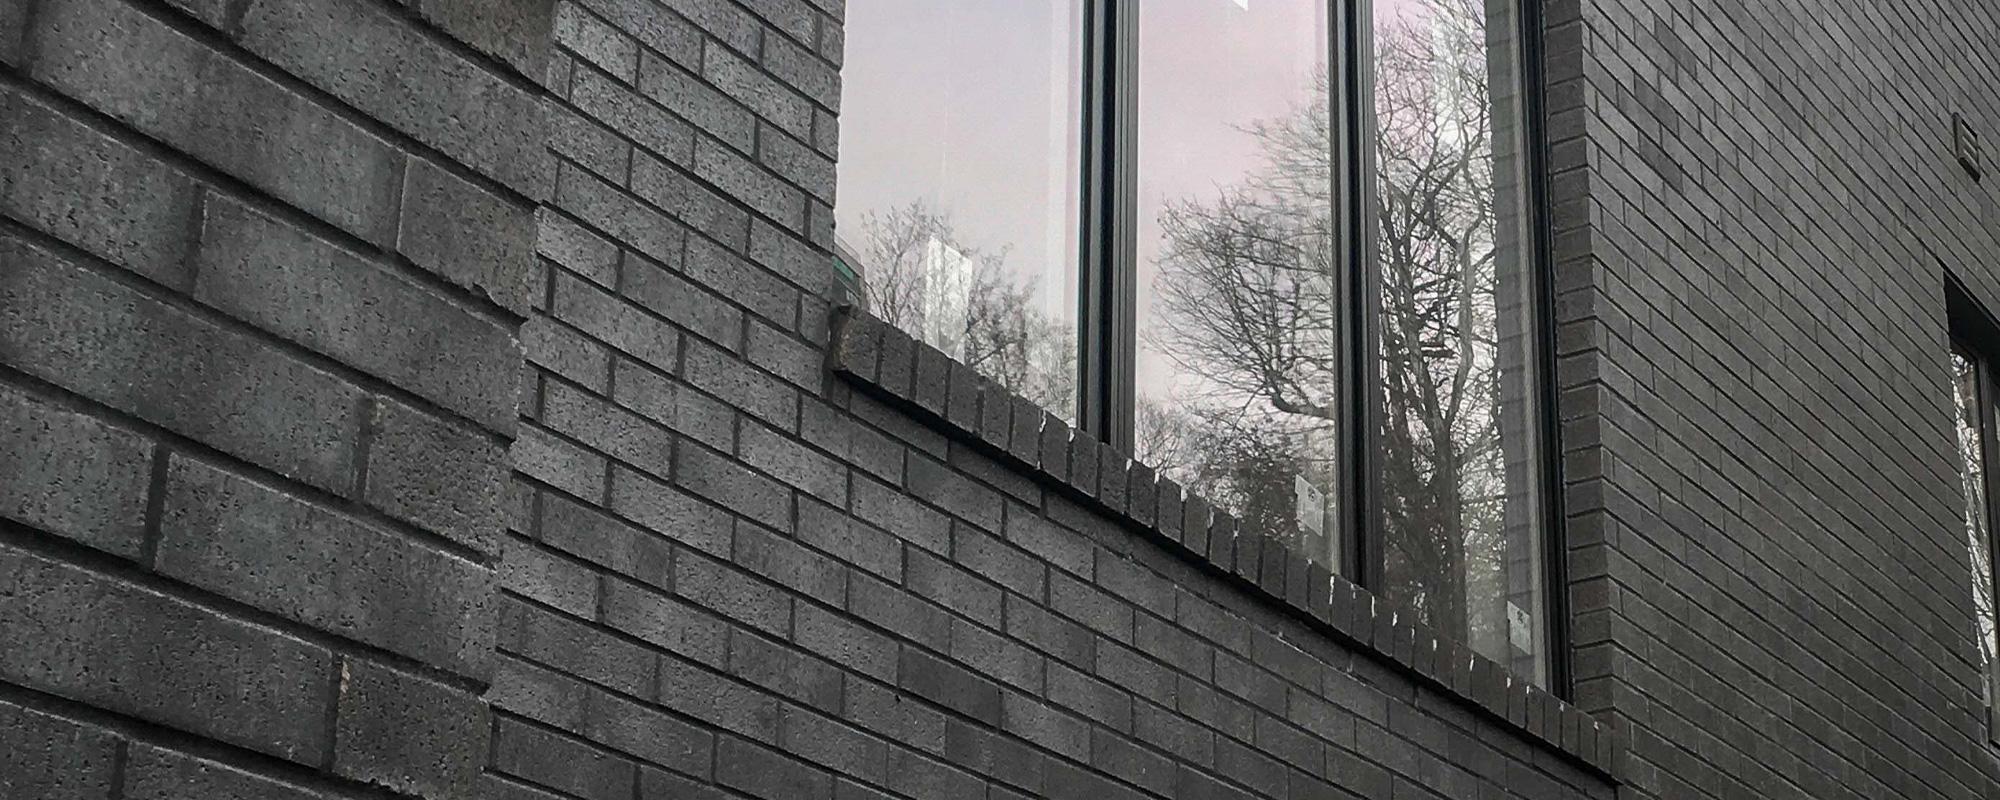 Coal KT - Watsontown Brick